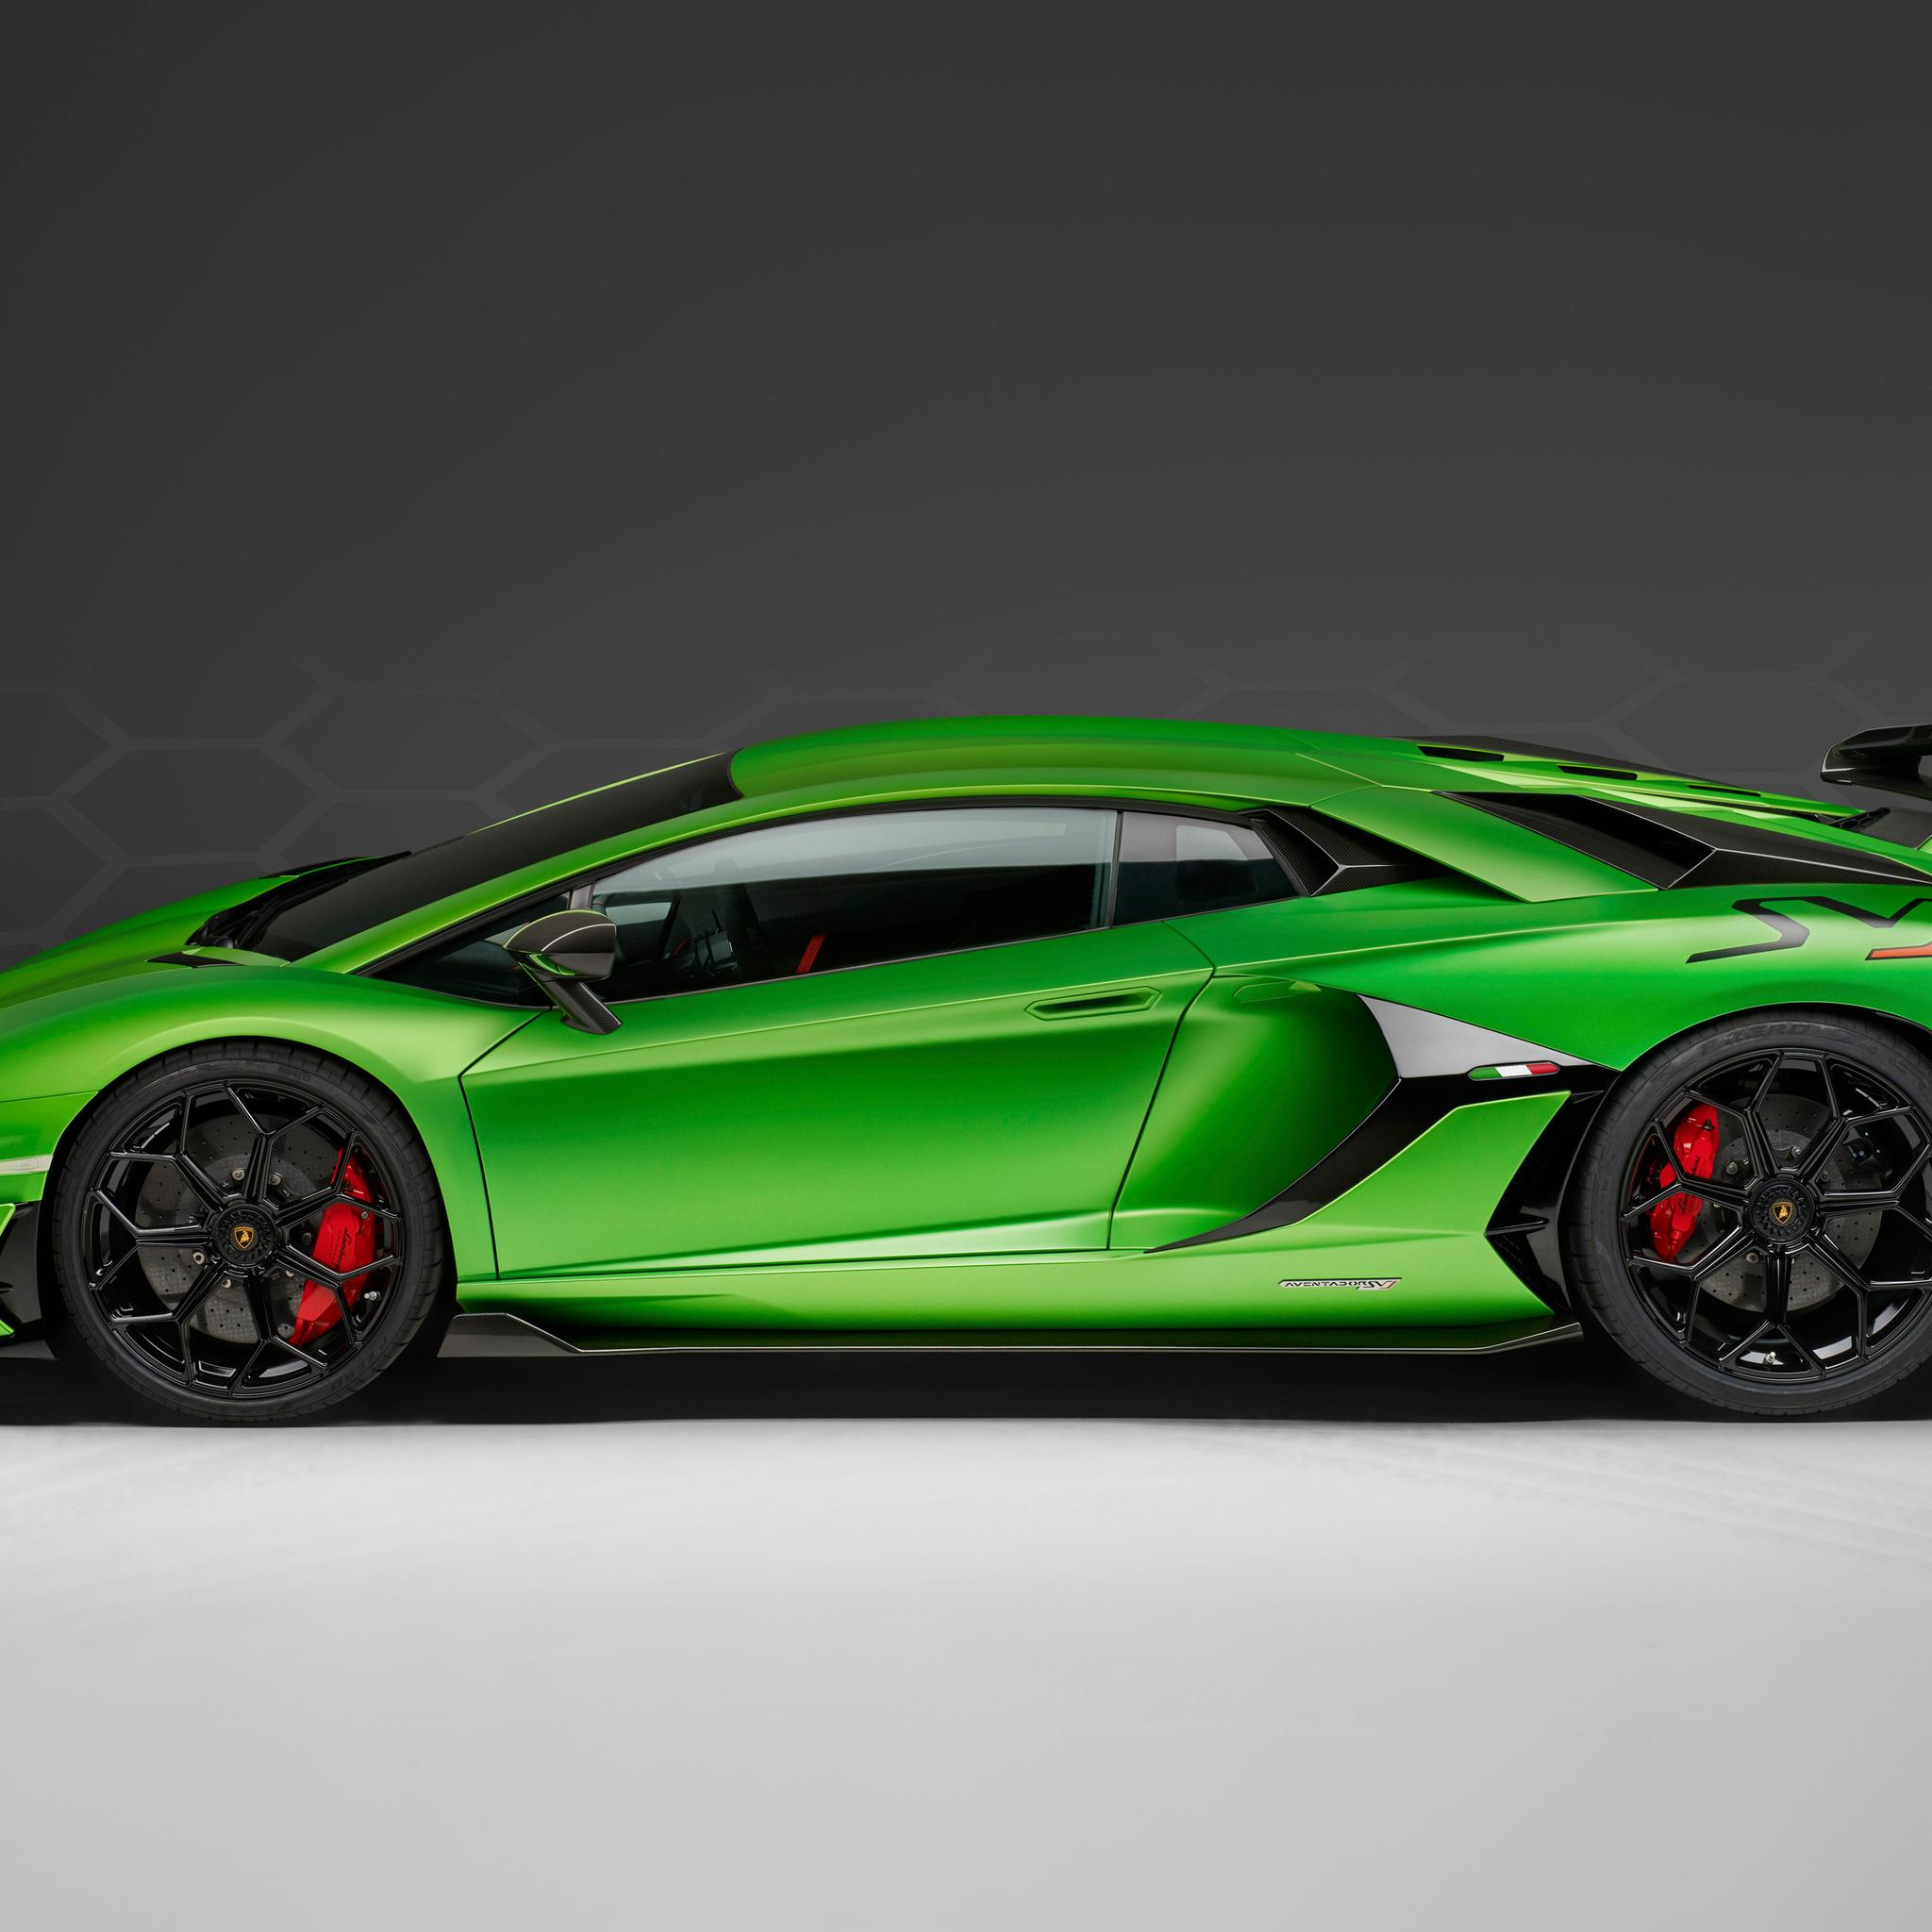 Lamborghini Car Wallpaper: Lamborghini Car Image Download